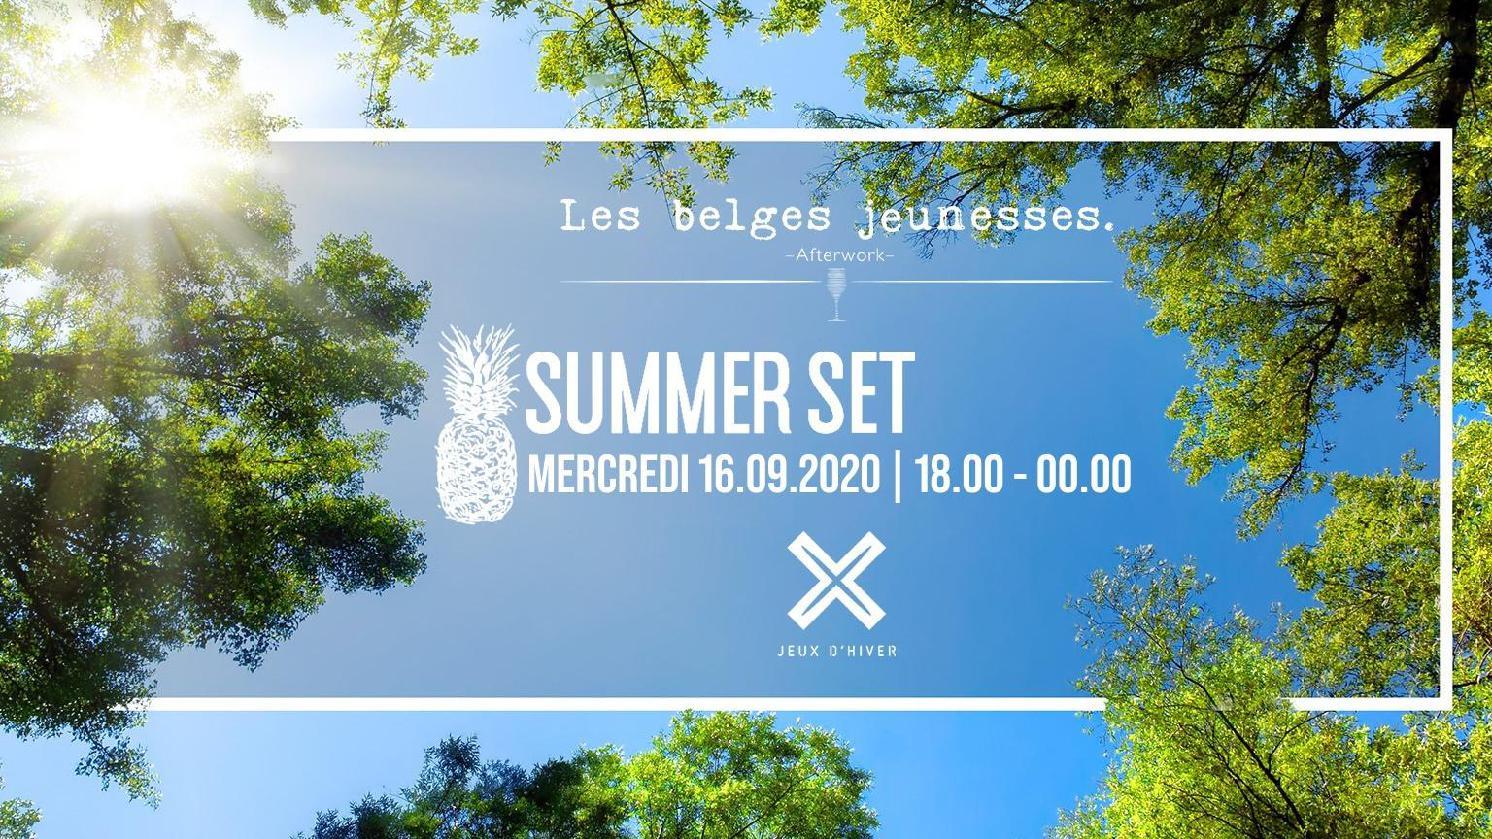 Les belges jeunesses.- Summer Set - L'apero du mercredi